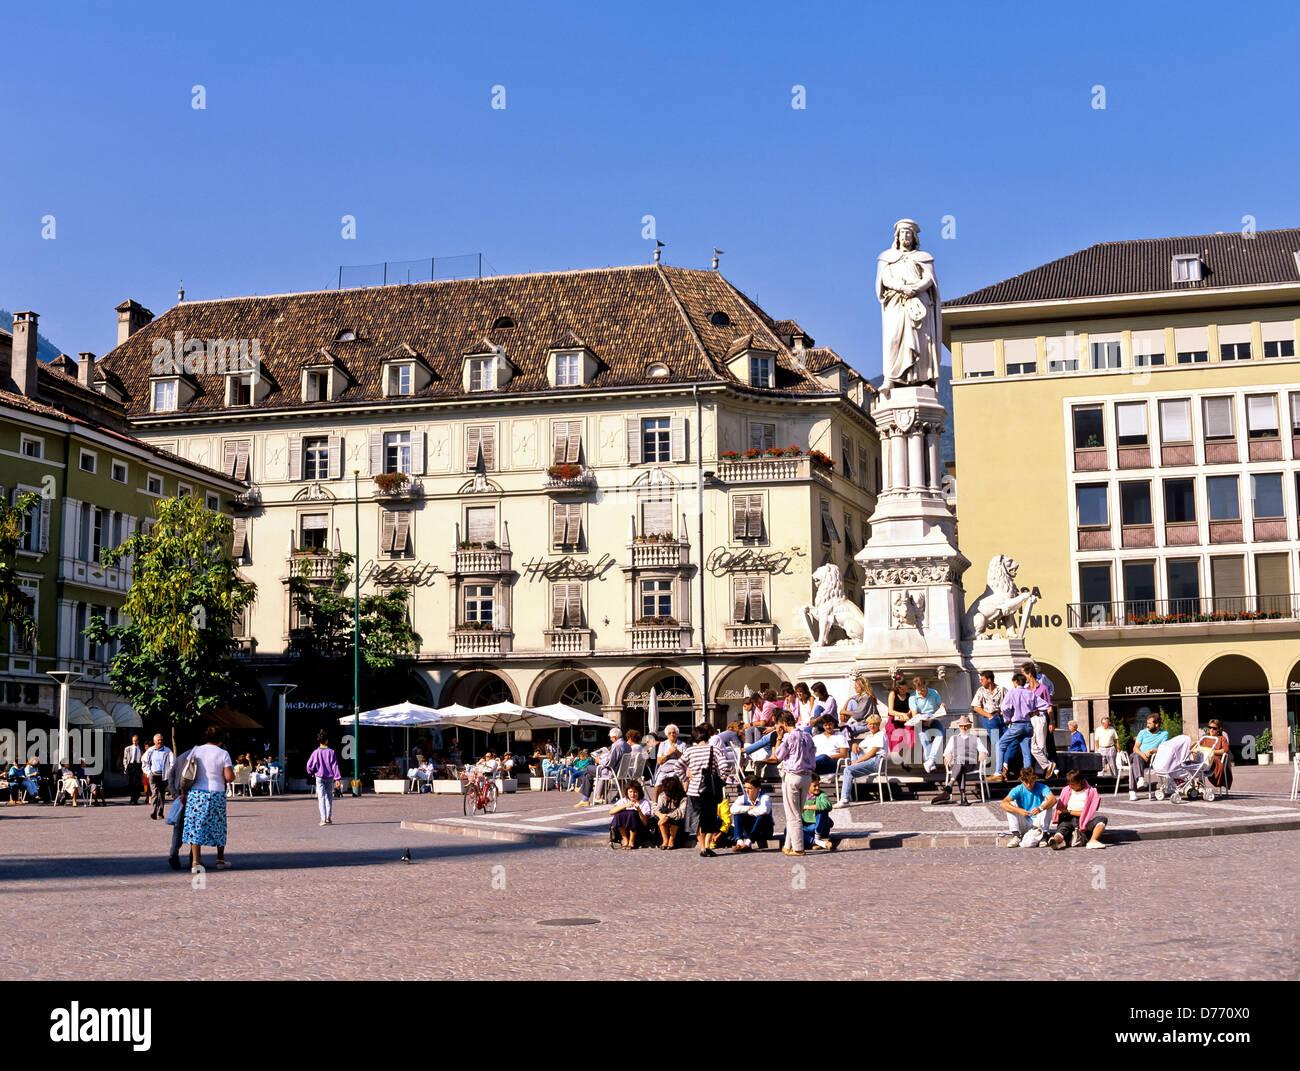 8647. Bolzano, Trentino Alto Adirge, Italy, Europe - Stock Image